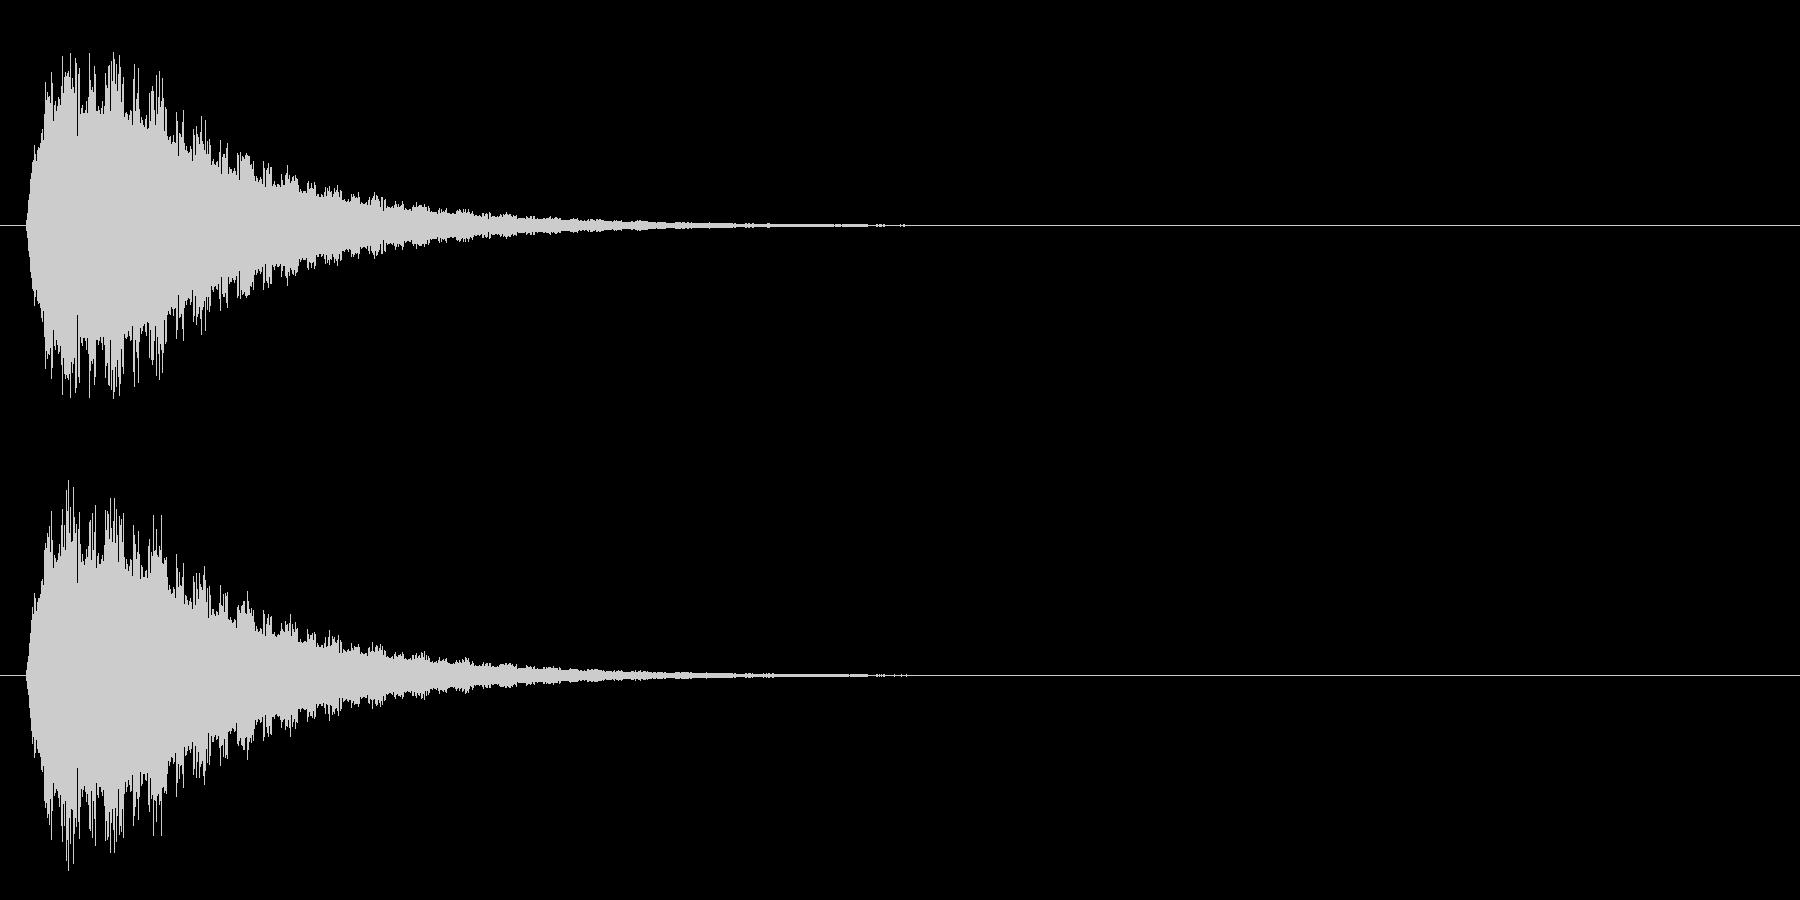 ピィヨォォォンの未再生の波形